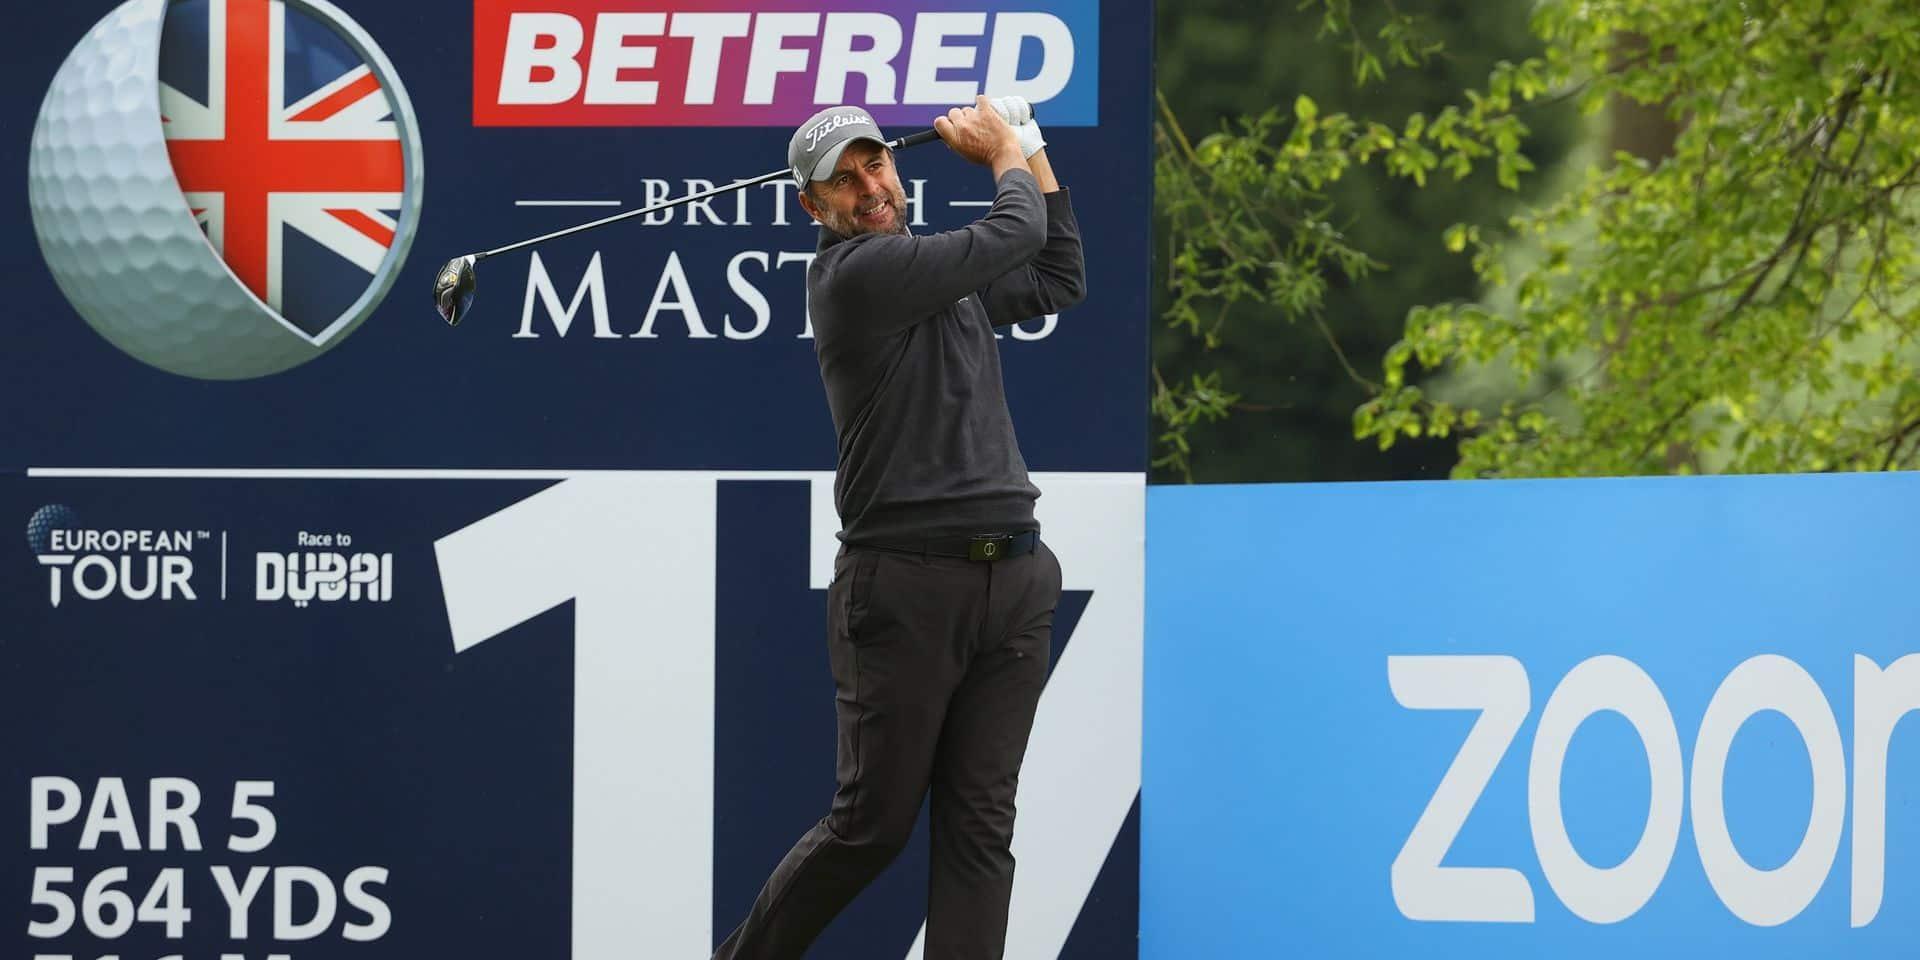 Première victoire de Richard Bland, 48 ans, sur l'European Tour